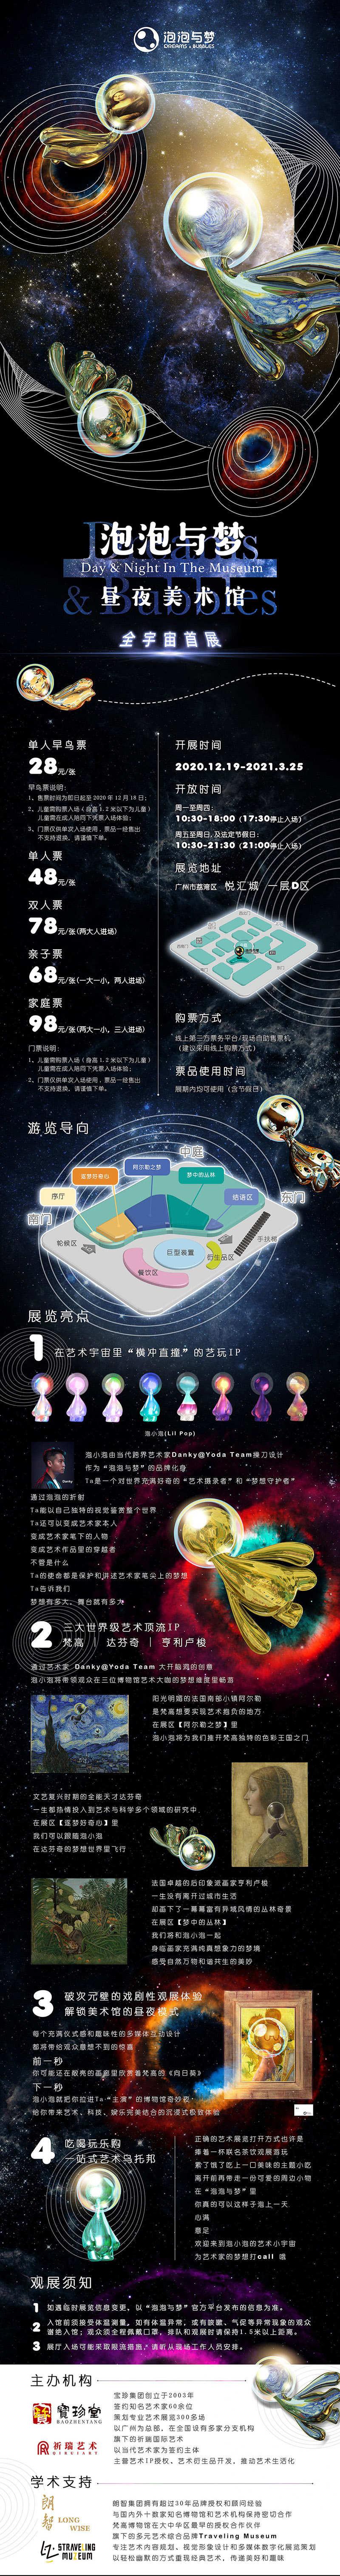 2020泡泡与梦|昼夜美术馆-广州站